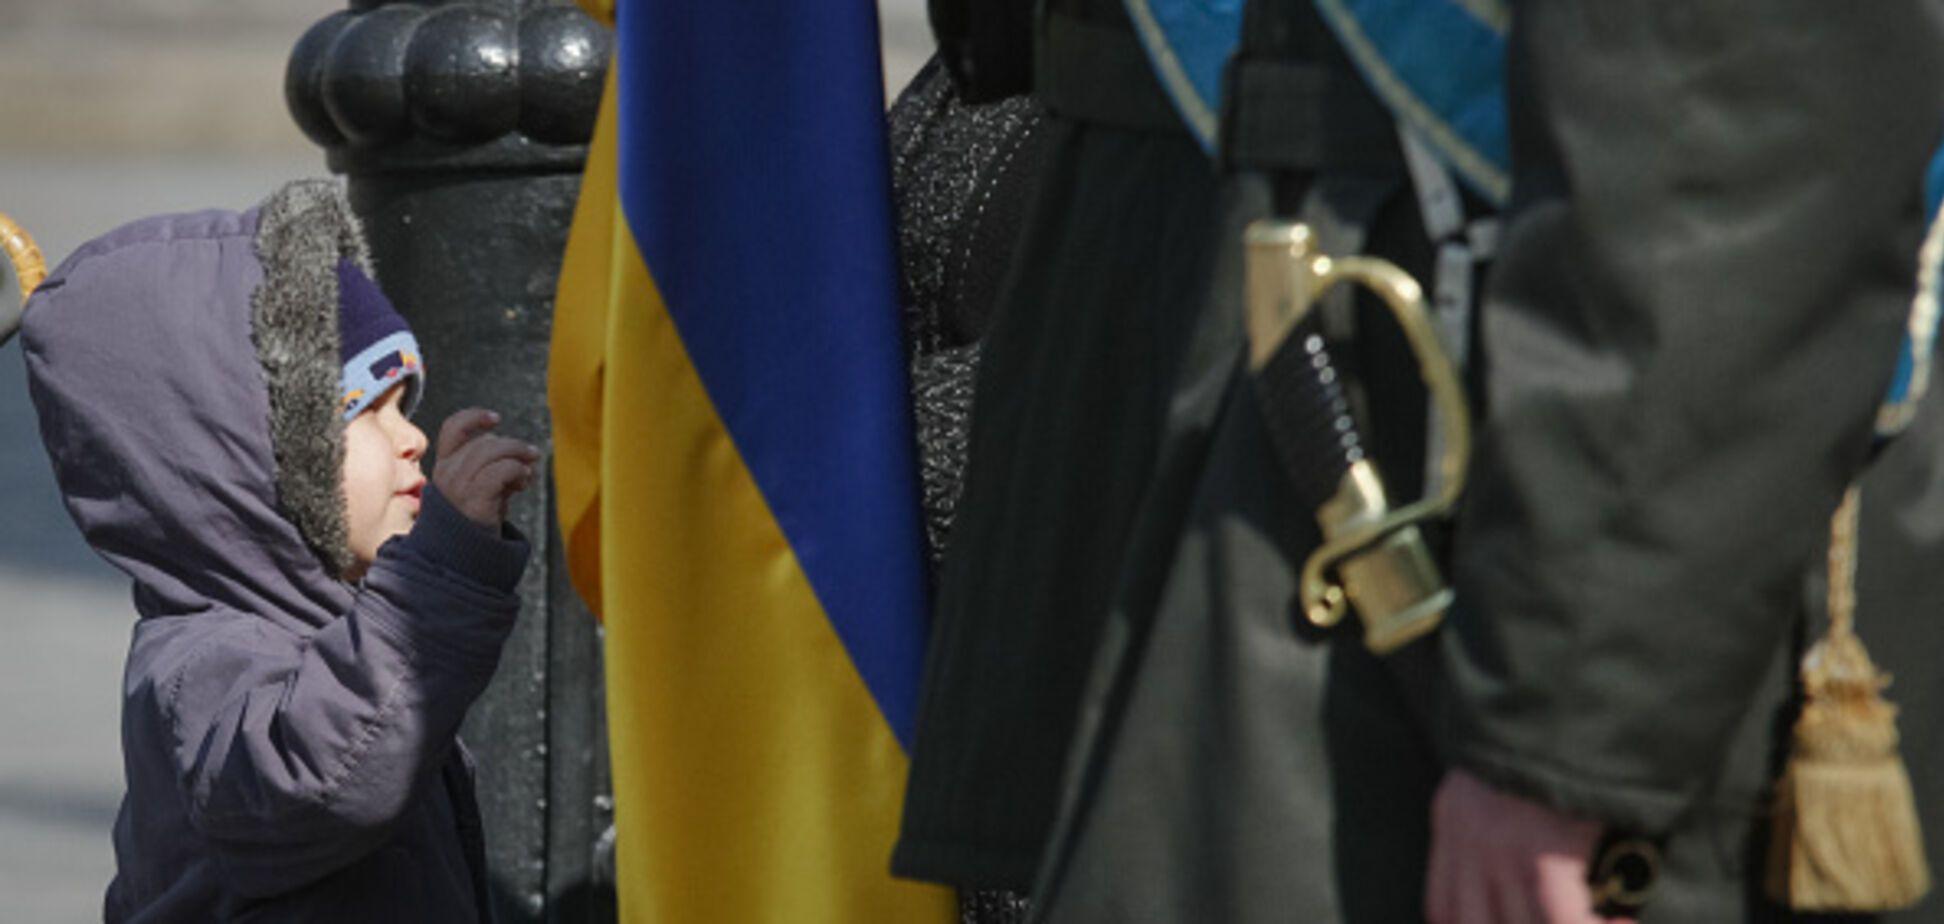 РФ создала сценарий нового вторжения в Украину после ЧМ-2018 - эксперт